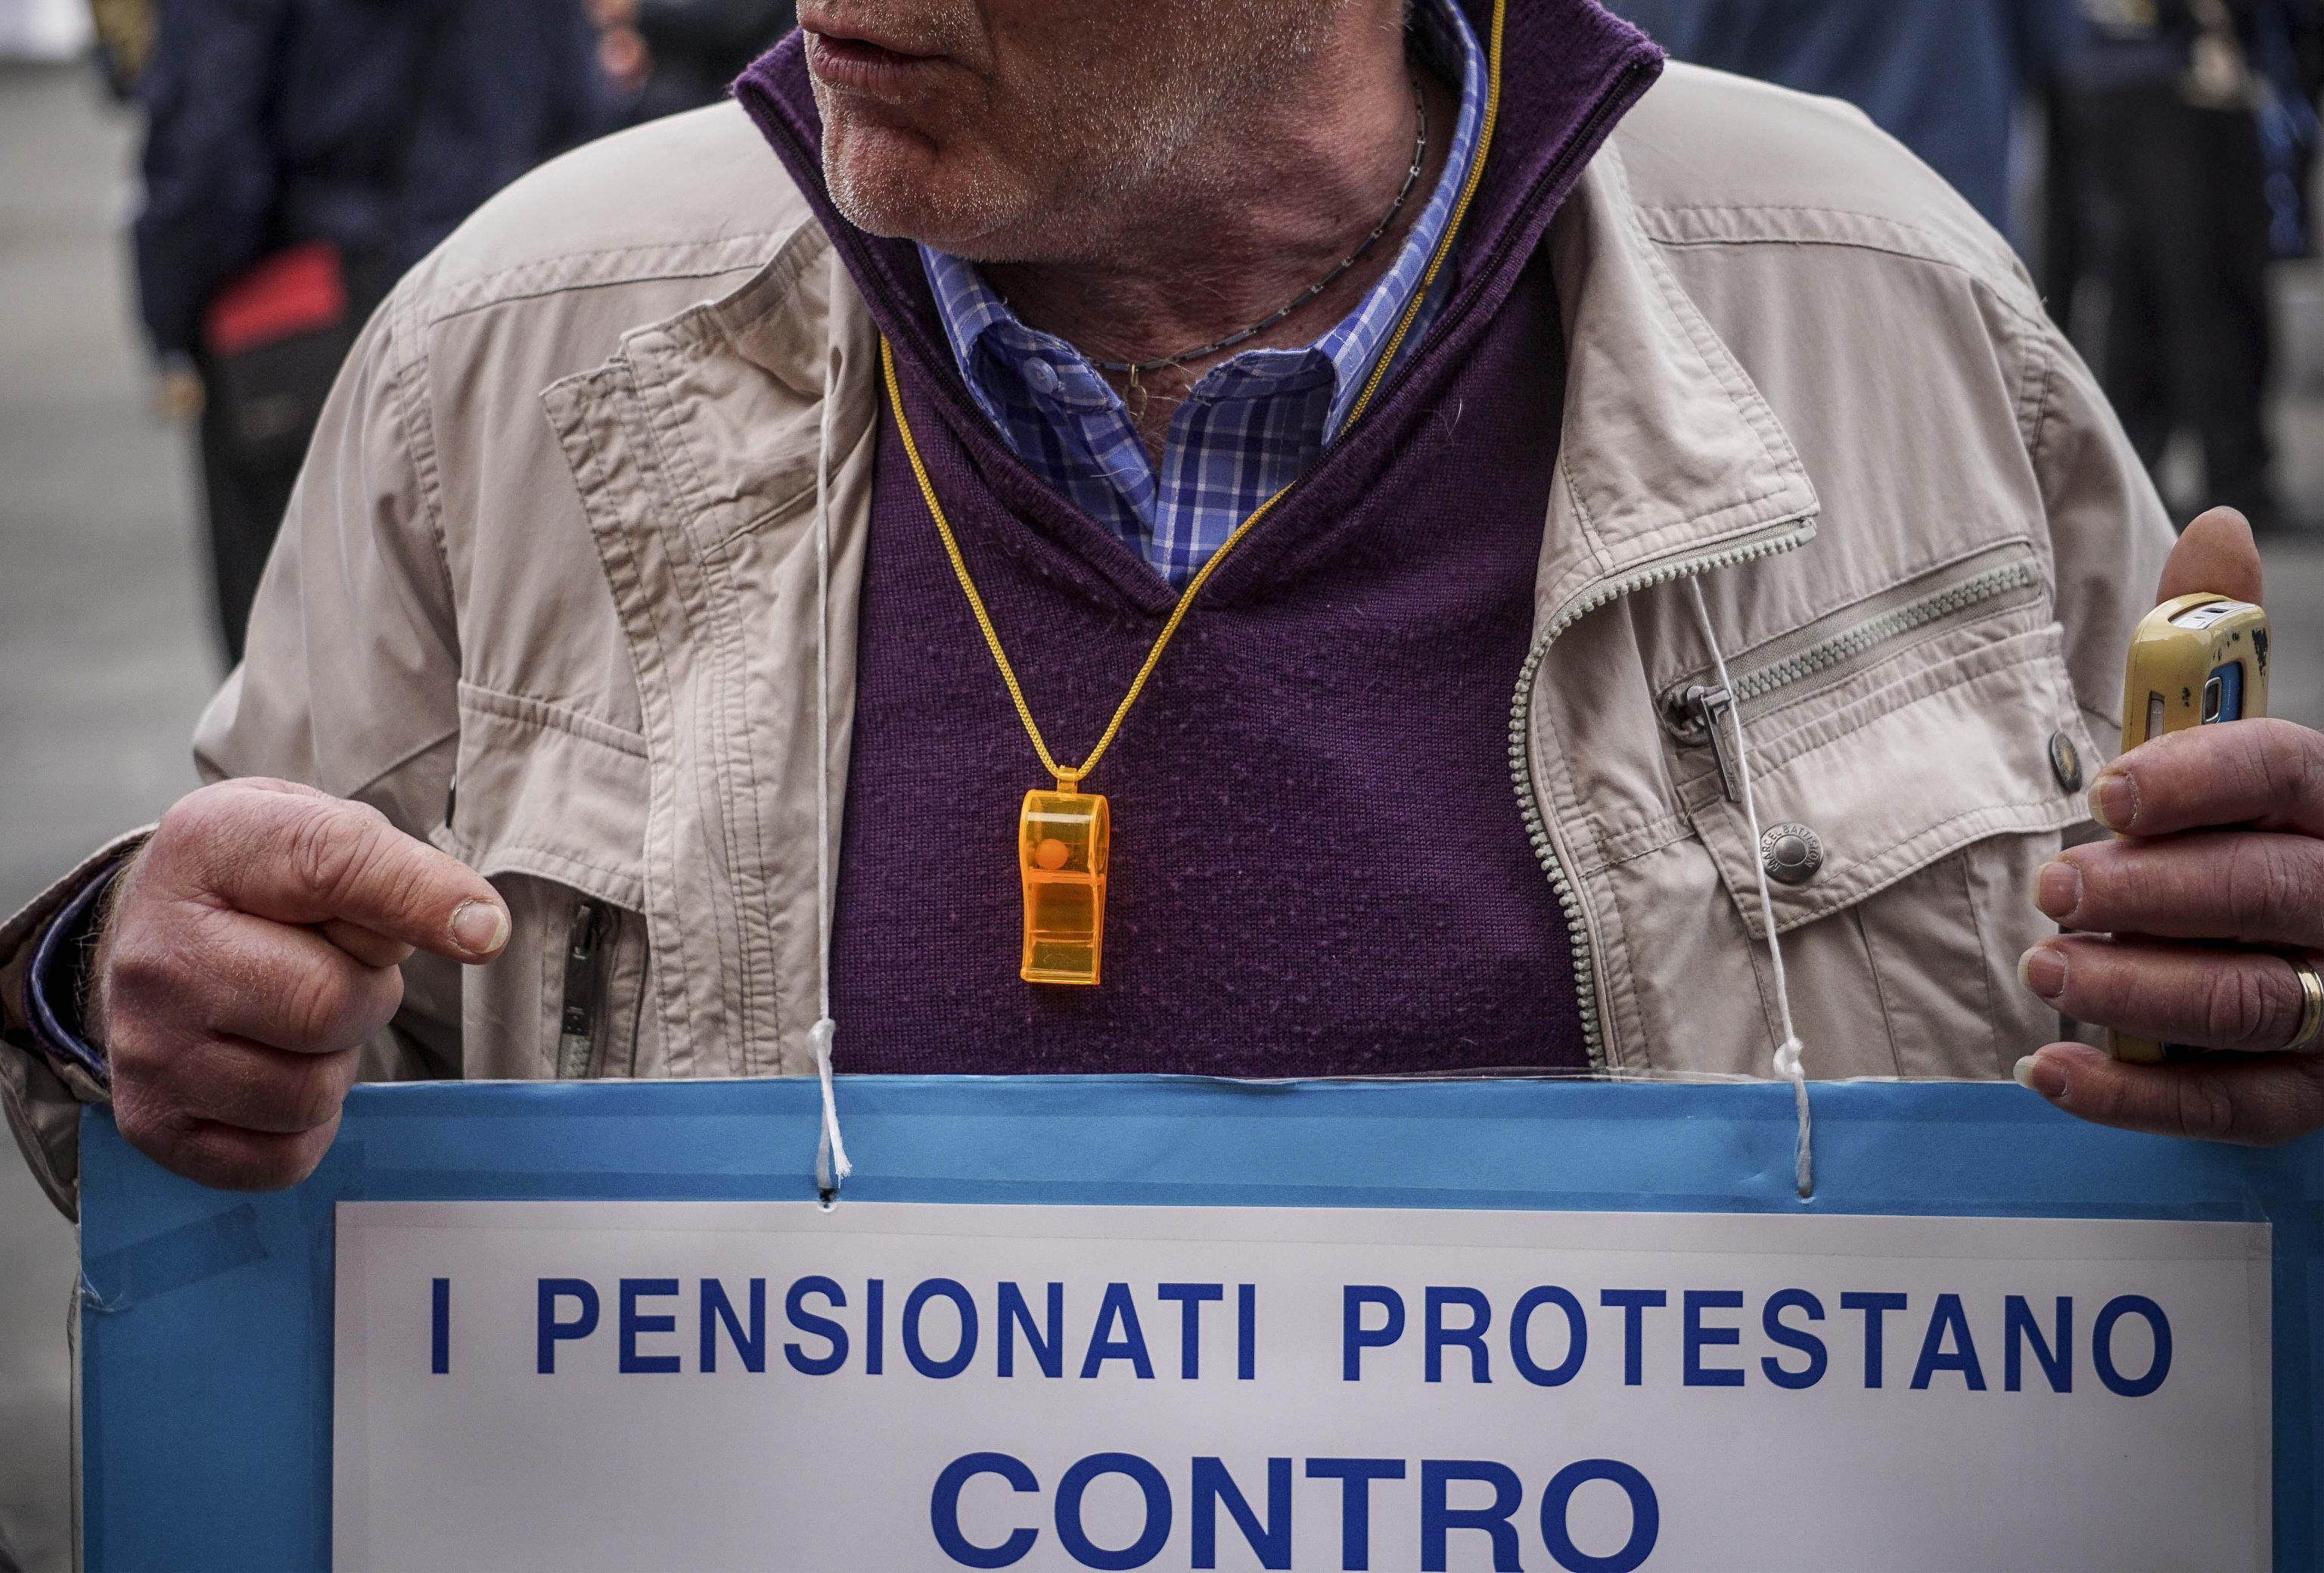 Pensioni ultima ora: test Acli per APE Social, pensioni precoci, Quota 41, lavori usuranti e Opzione donna